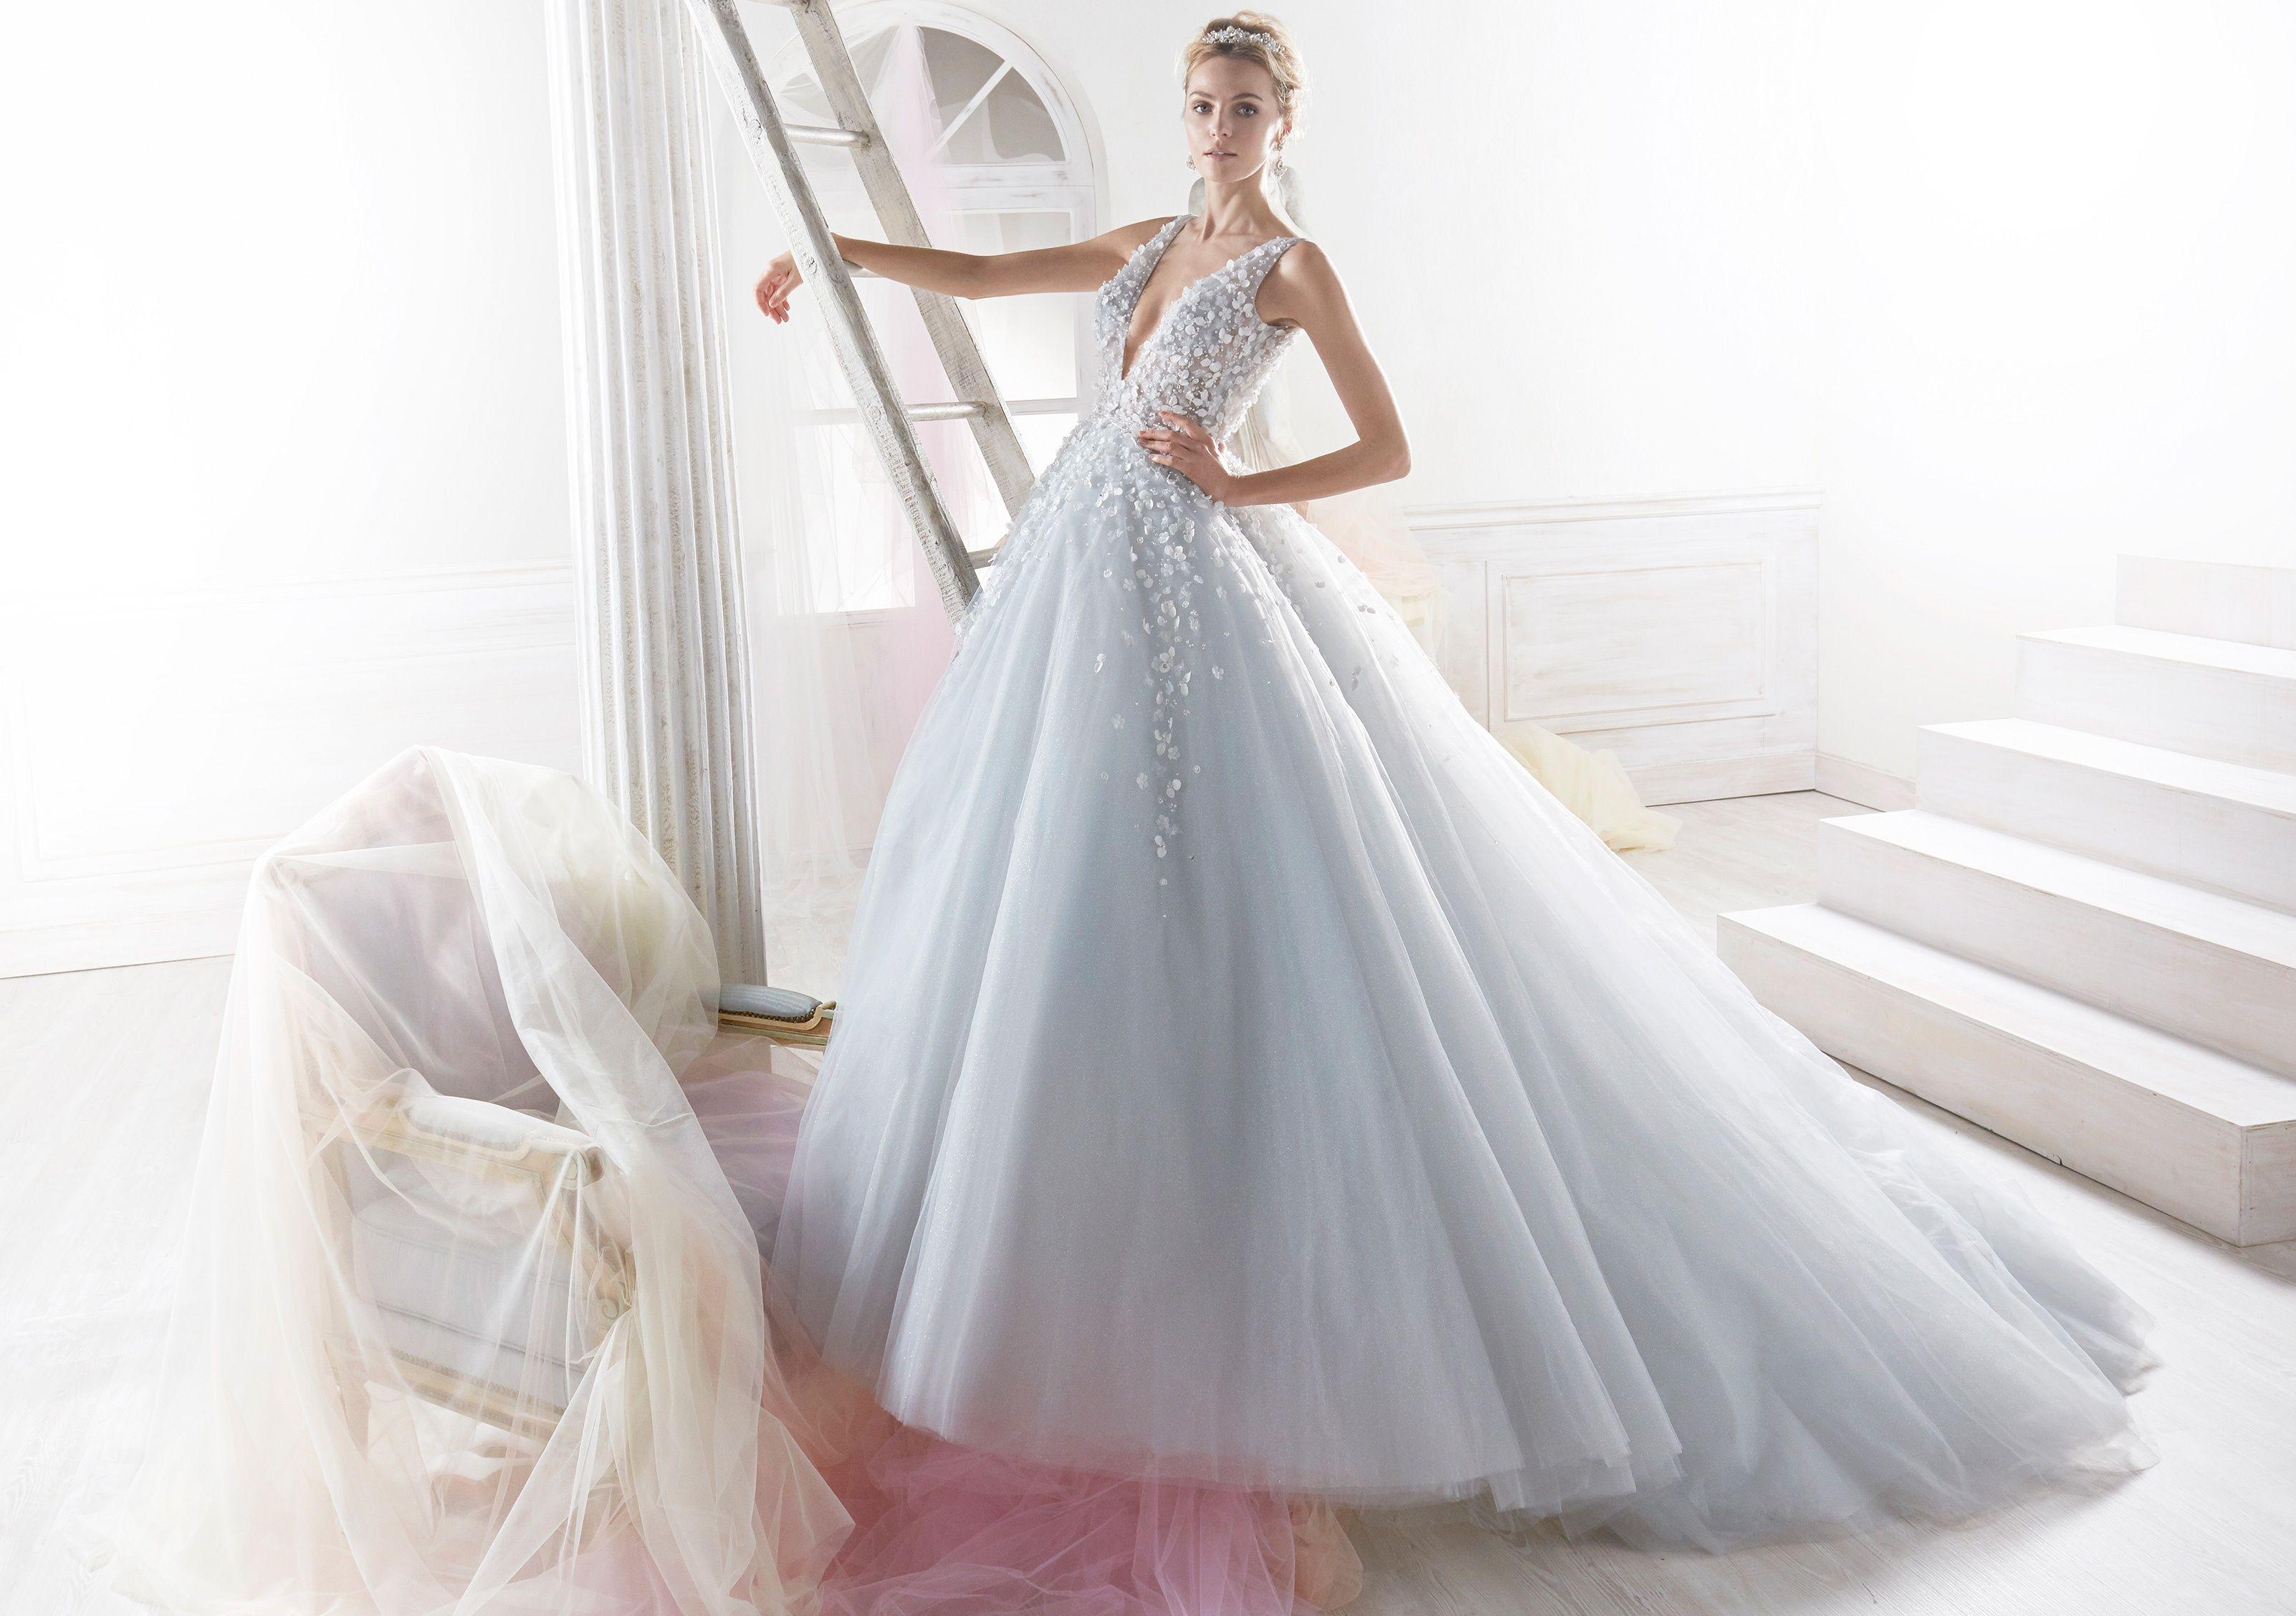 Abito da sposa nicole niab f gowns pinterest